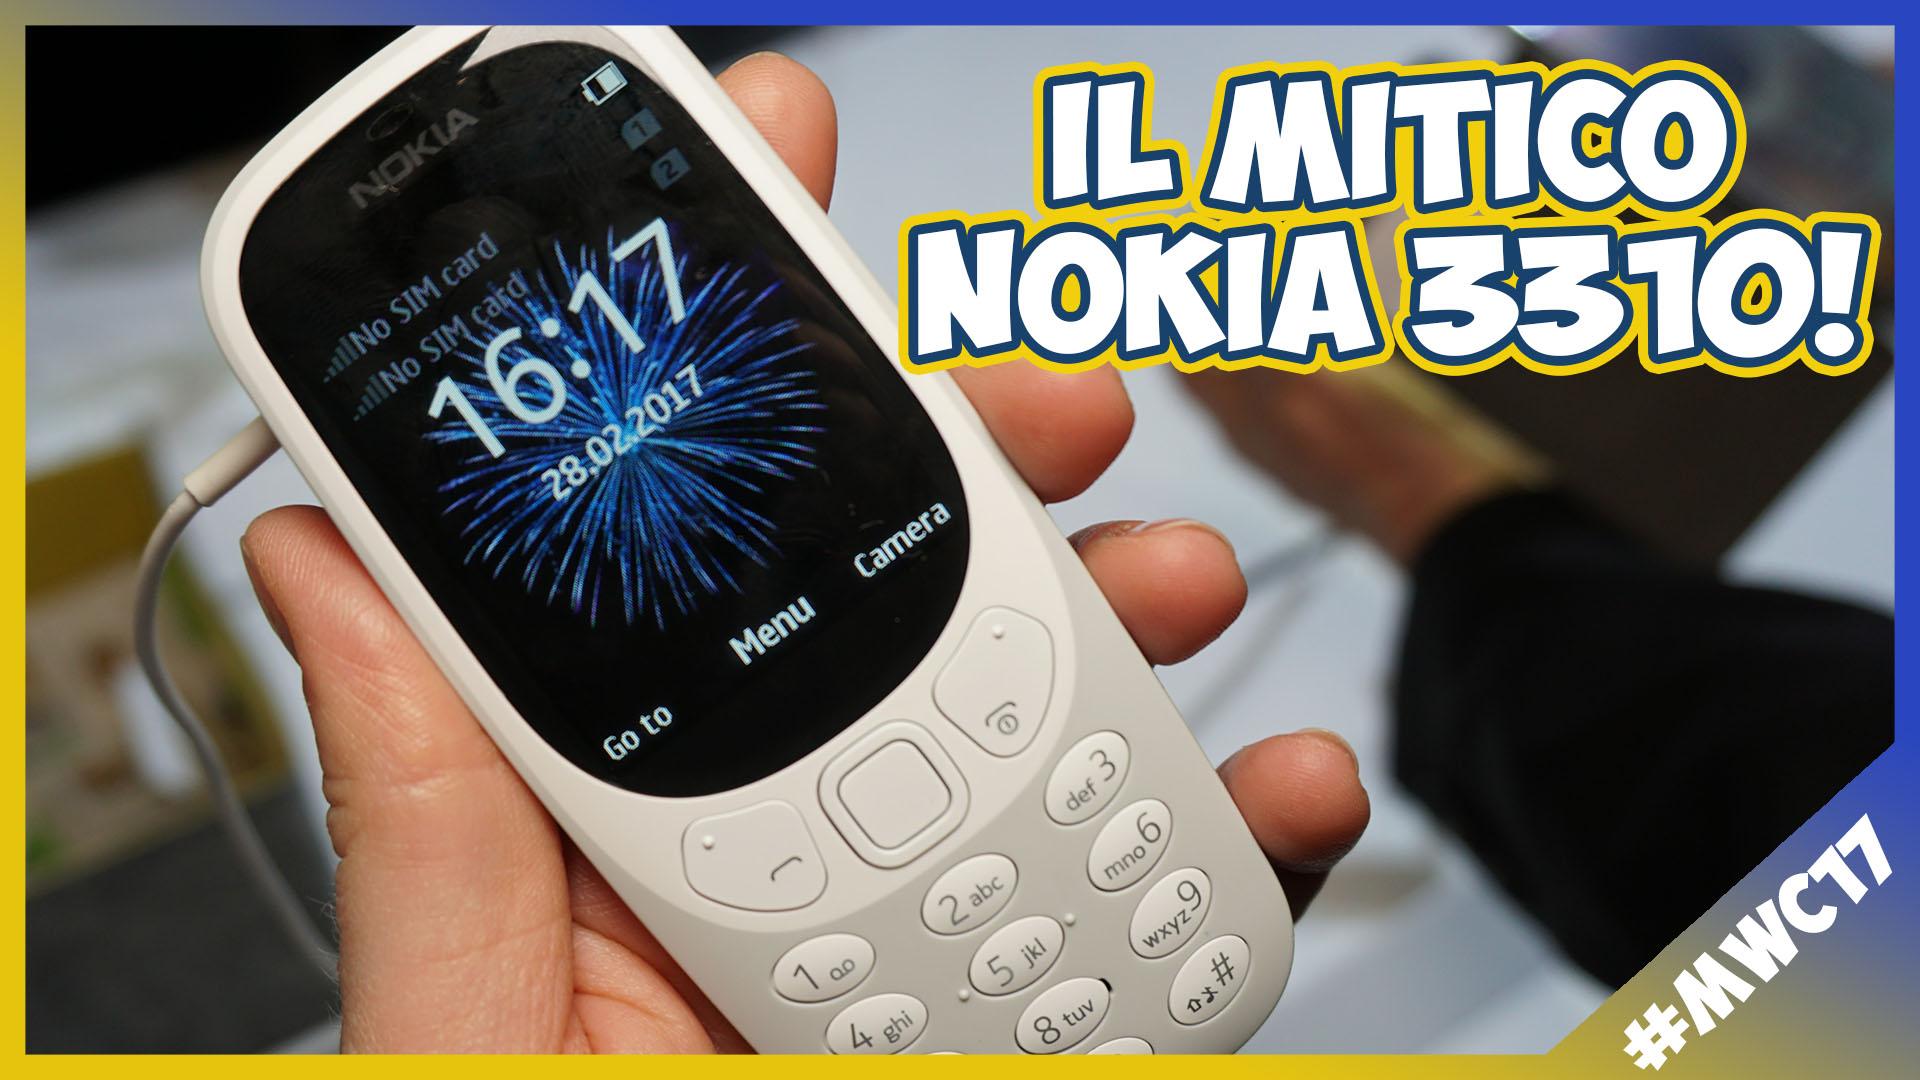 [MWC 2017] Nokia 3310: la nostra anteprima! thumbnail